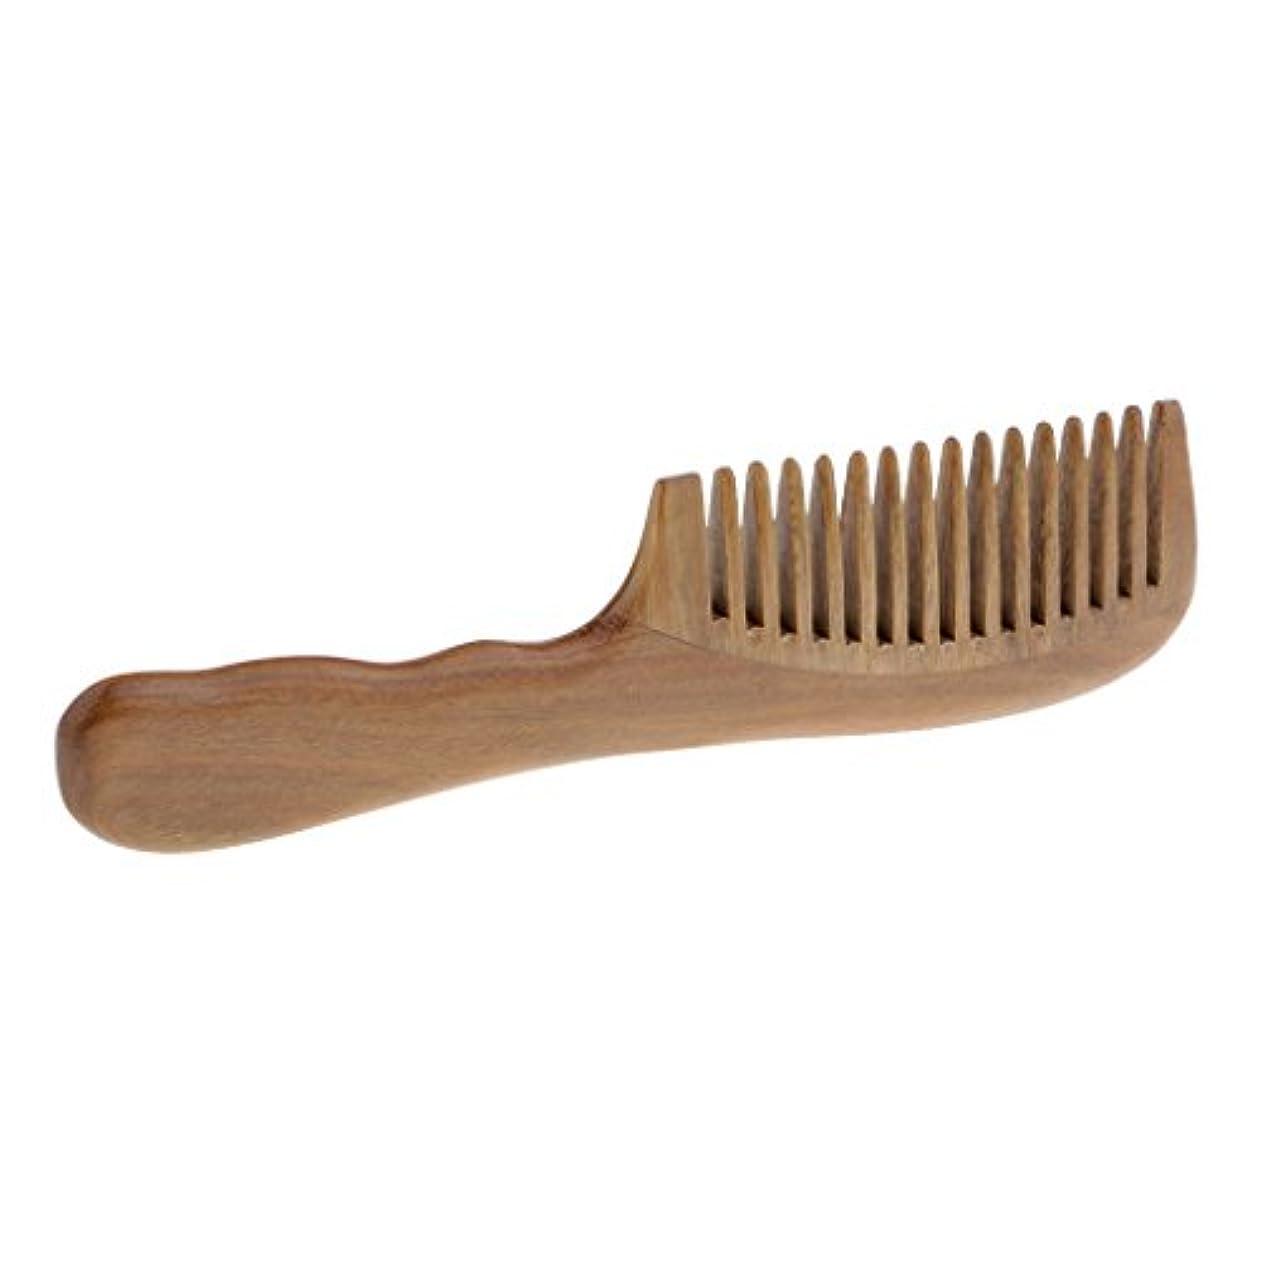 興奮支給再発するヘアコーム くし コーム 木製 木製櫛 頭皮マッサージ ヘアケア 帯電防止2タイプ選べる - 広い歯